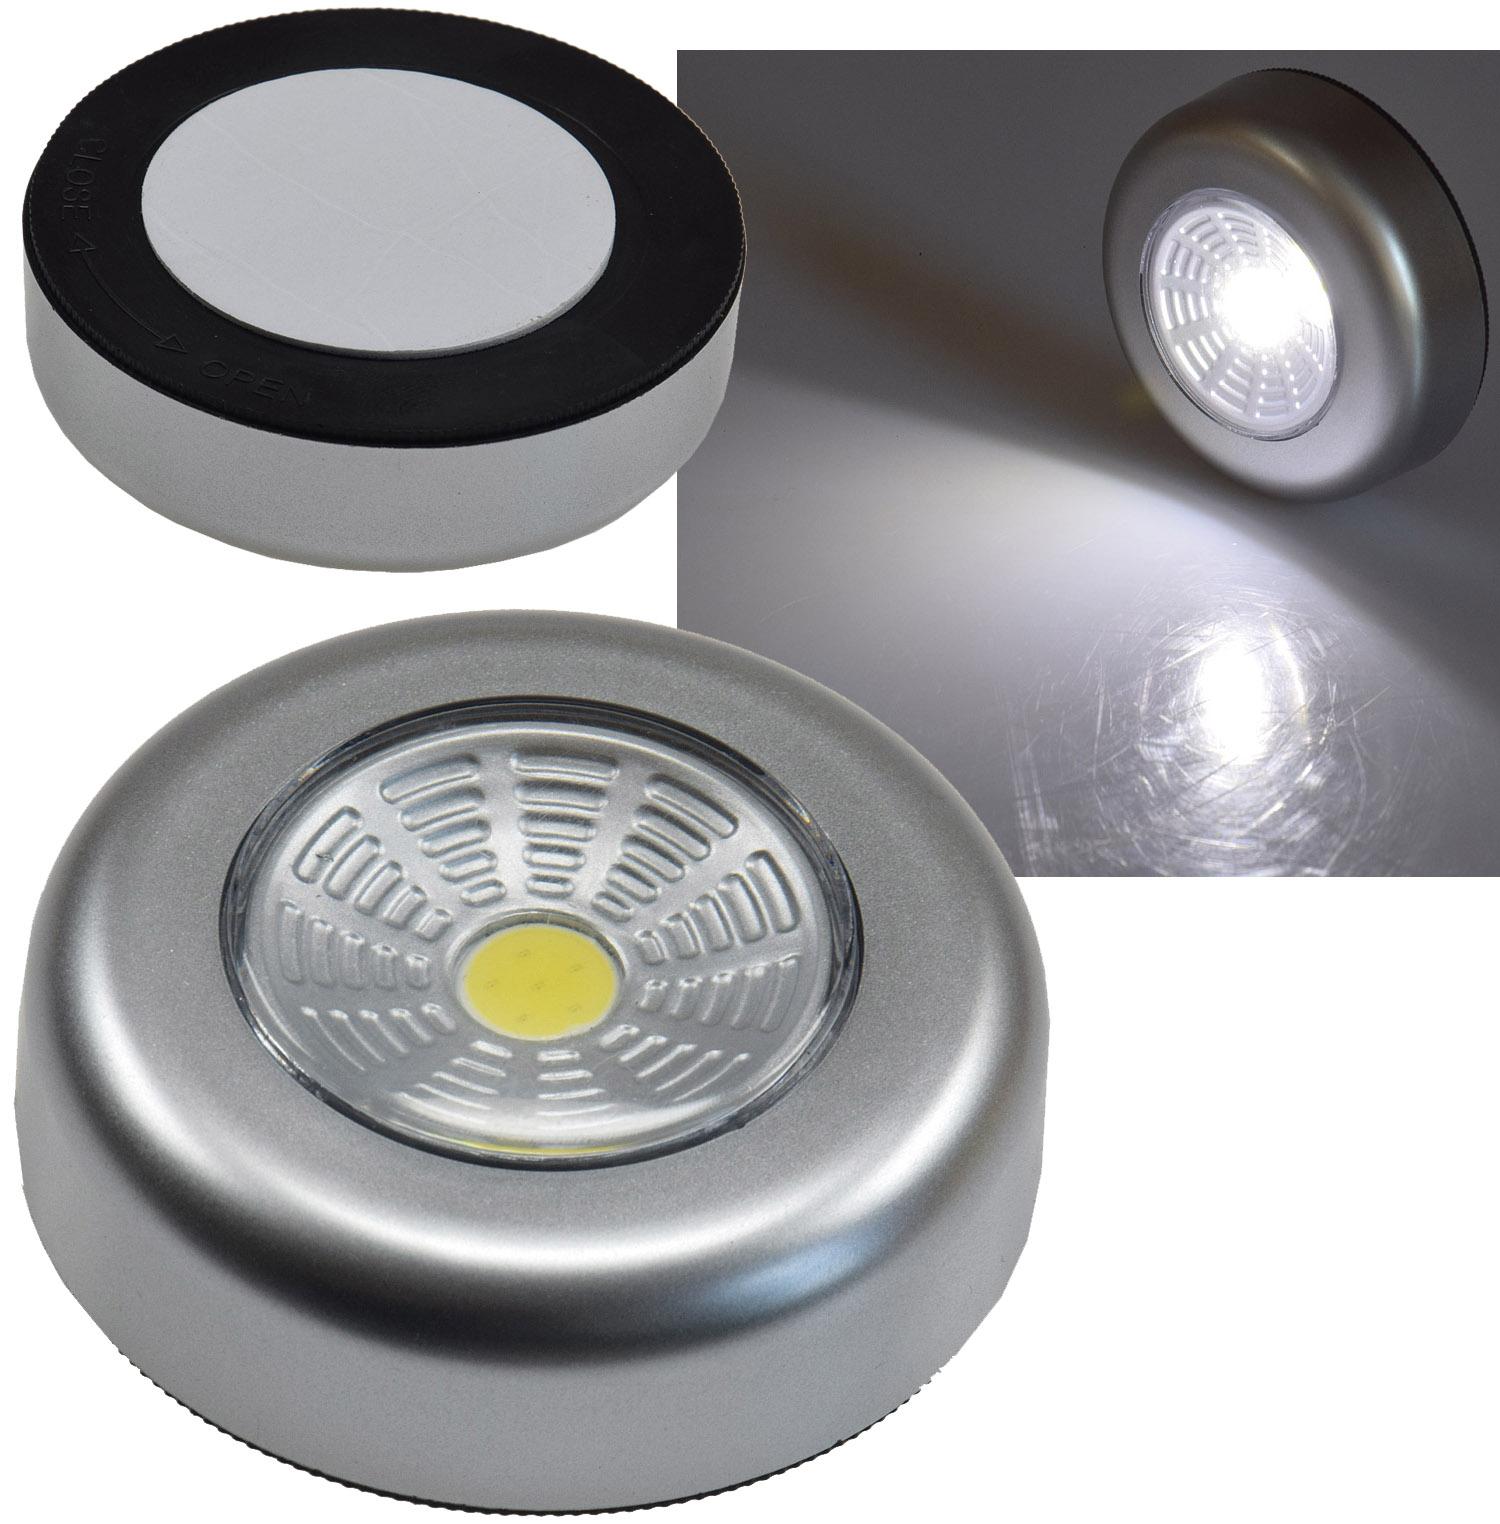 led touch leuchte lampe dr cklicht klebelicht schranklicht k che camping ebay. Black Bedroom Furniture Sets. Home Design Ideas